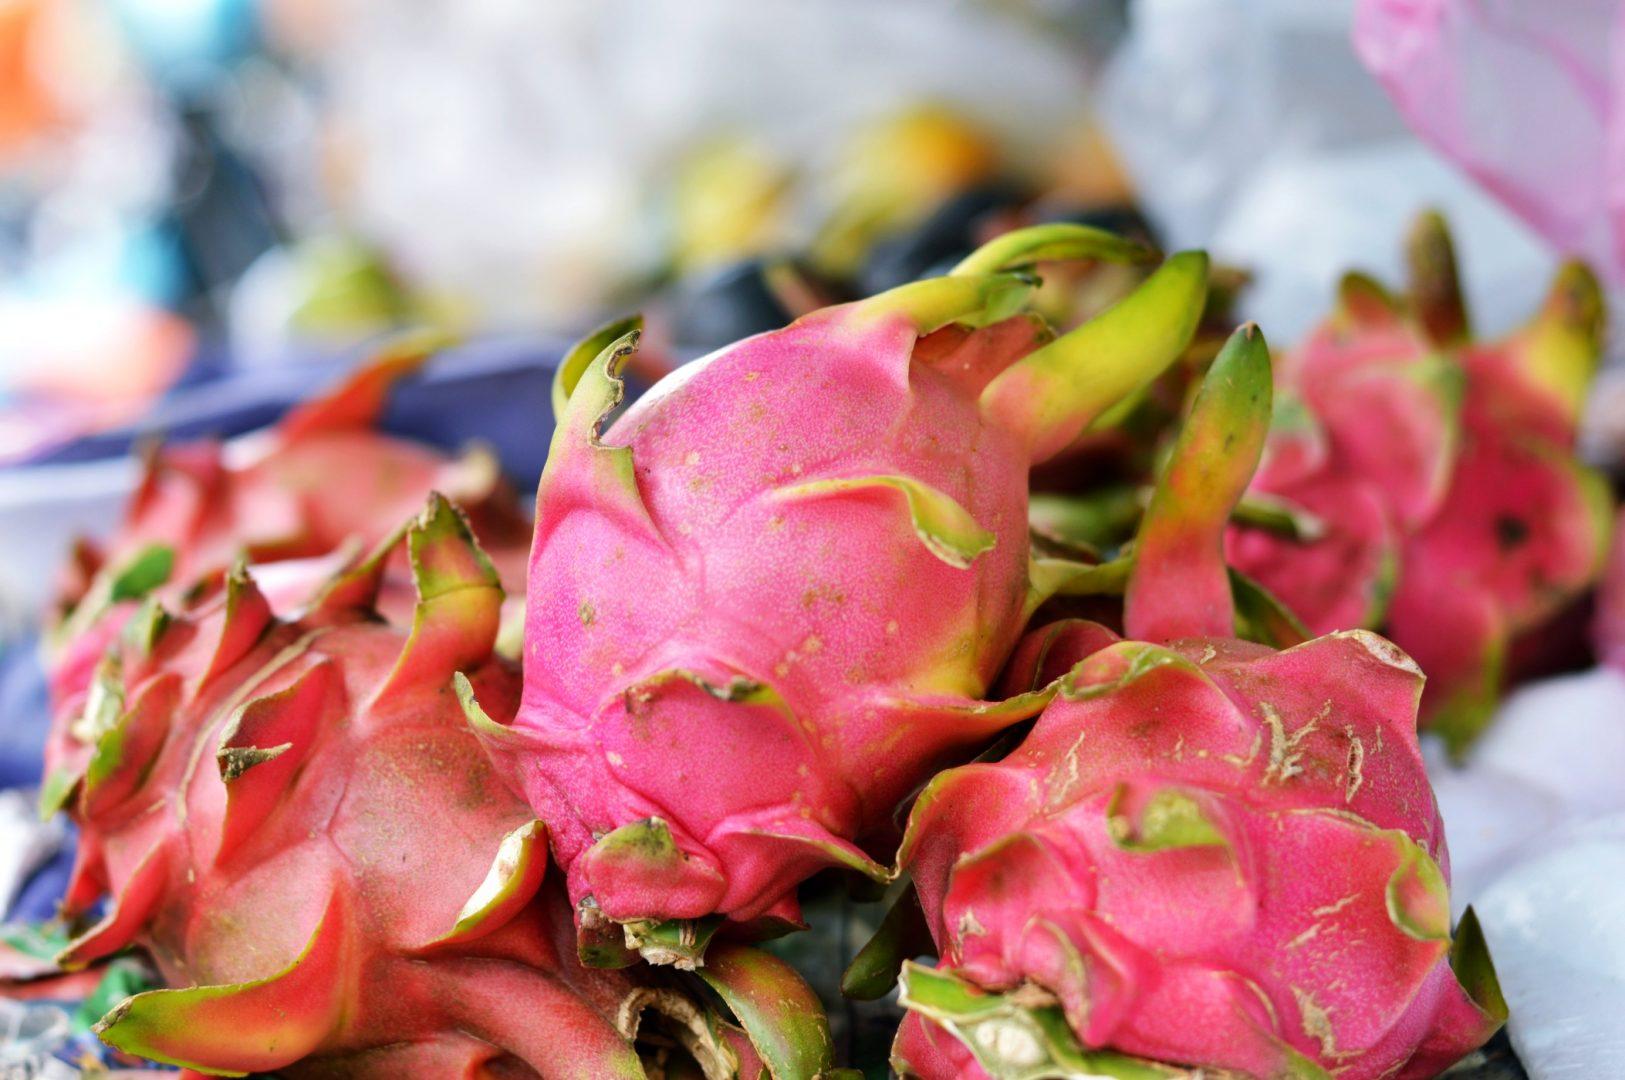 5 exotische Früchte aus Thailand - Drachenfrucht| www.dearlicious.com